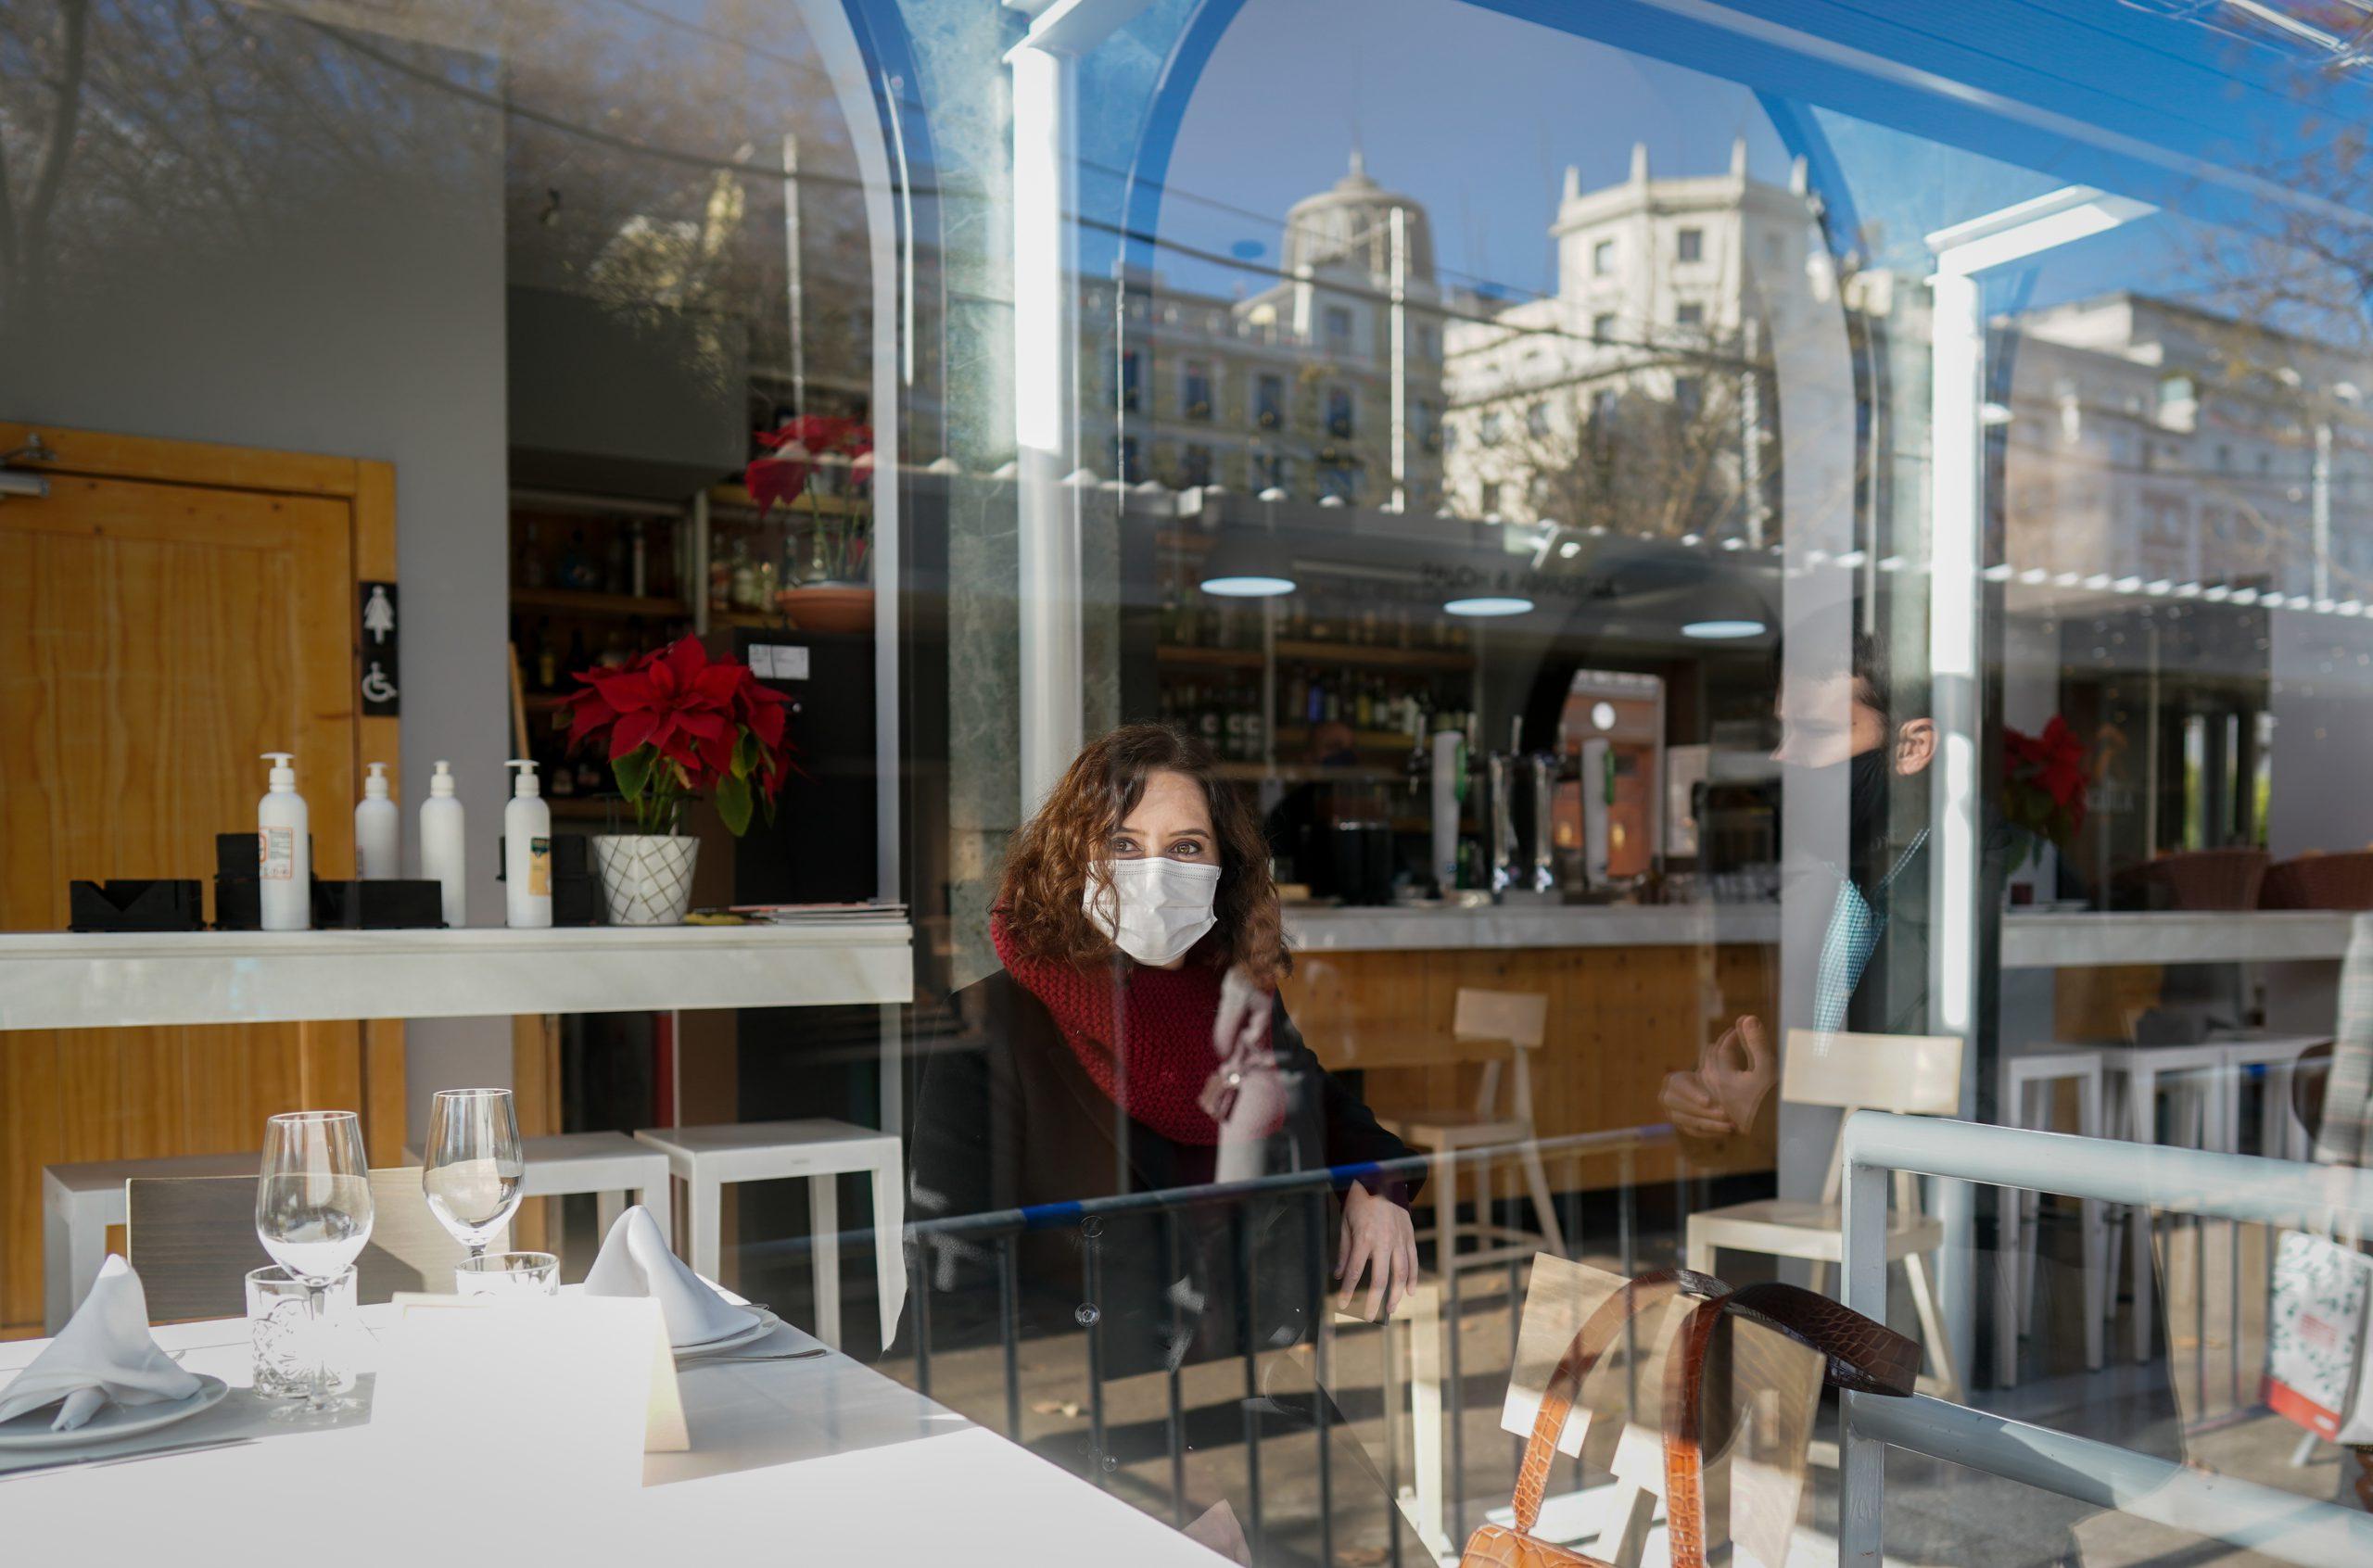 Díaz Ayuso y Martínez-Almeida: almuerzo de trabajo en el Café Gijón 5